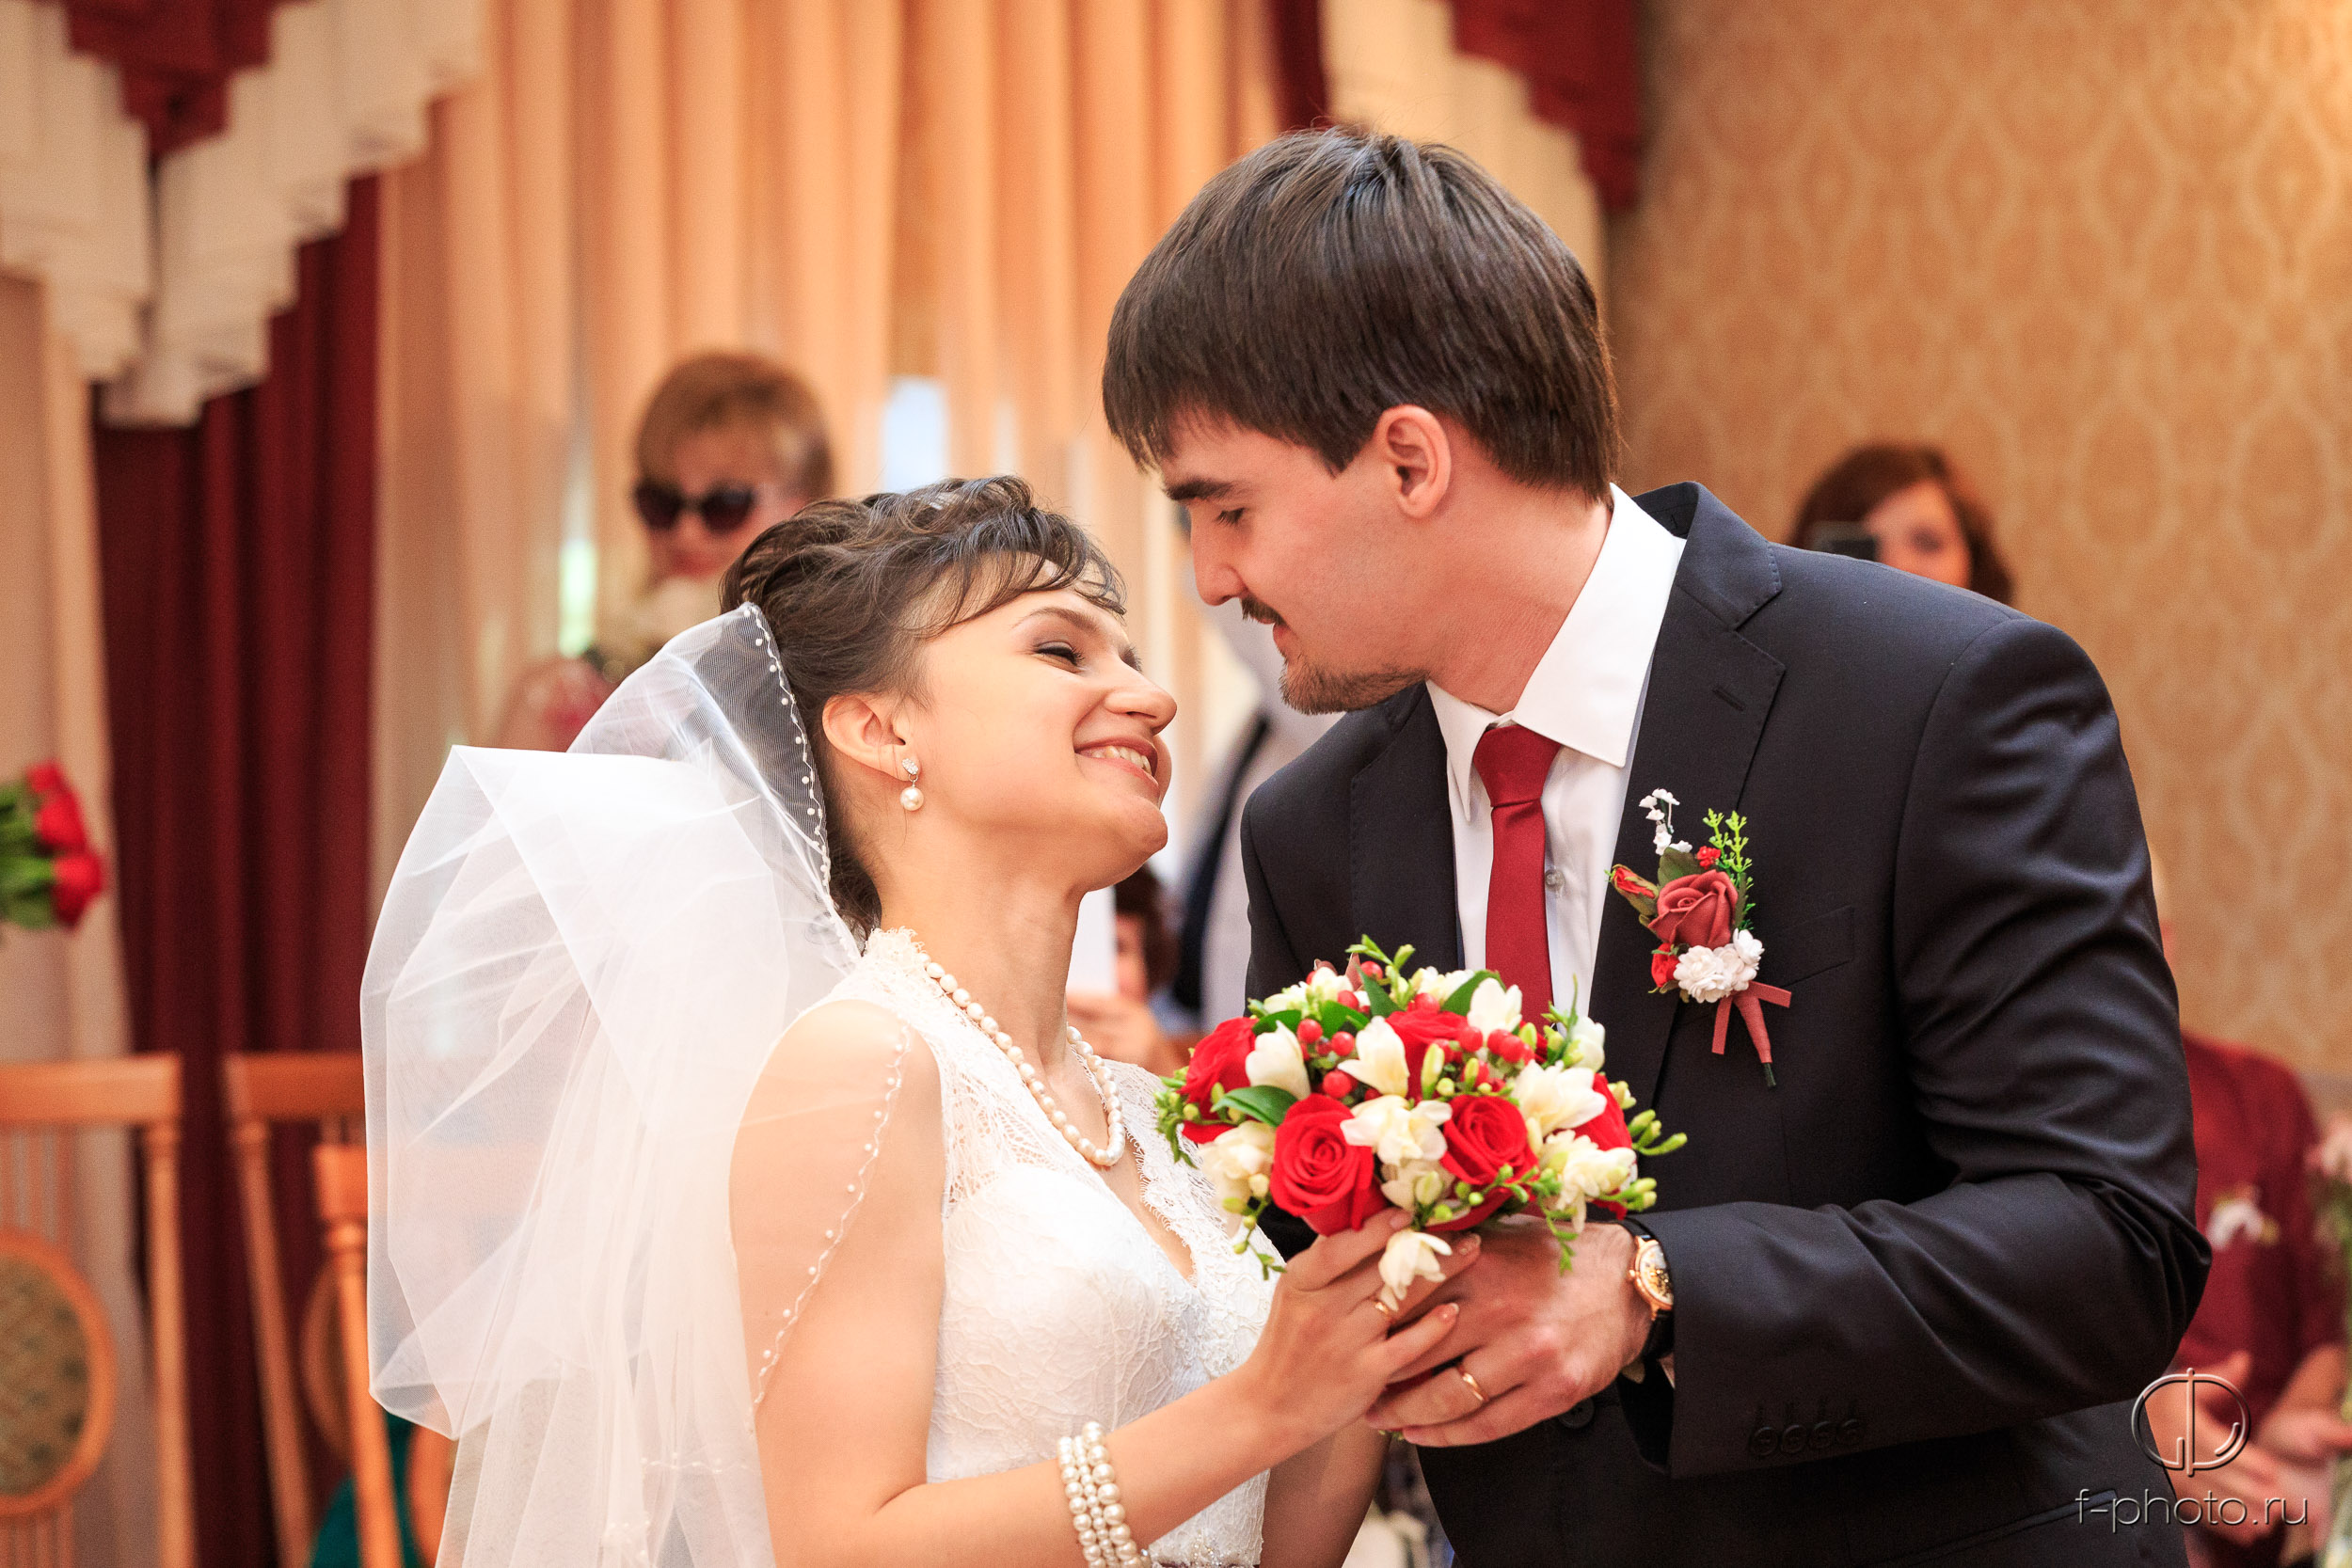 Первый поцелуй на церемонии бракос